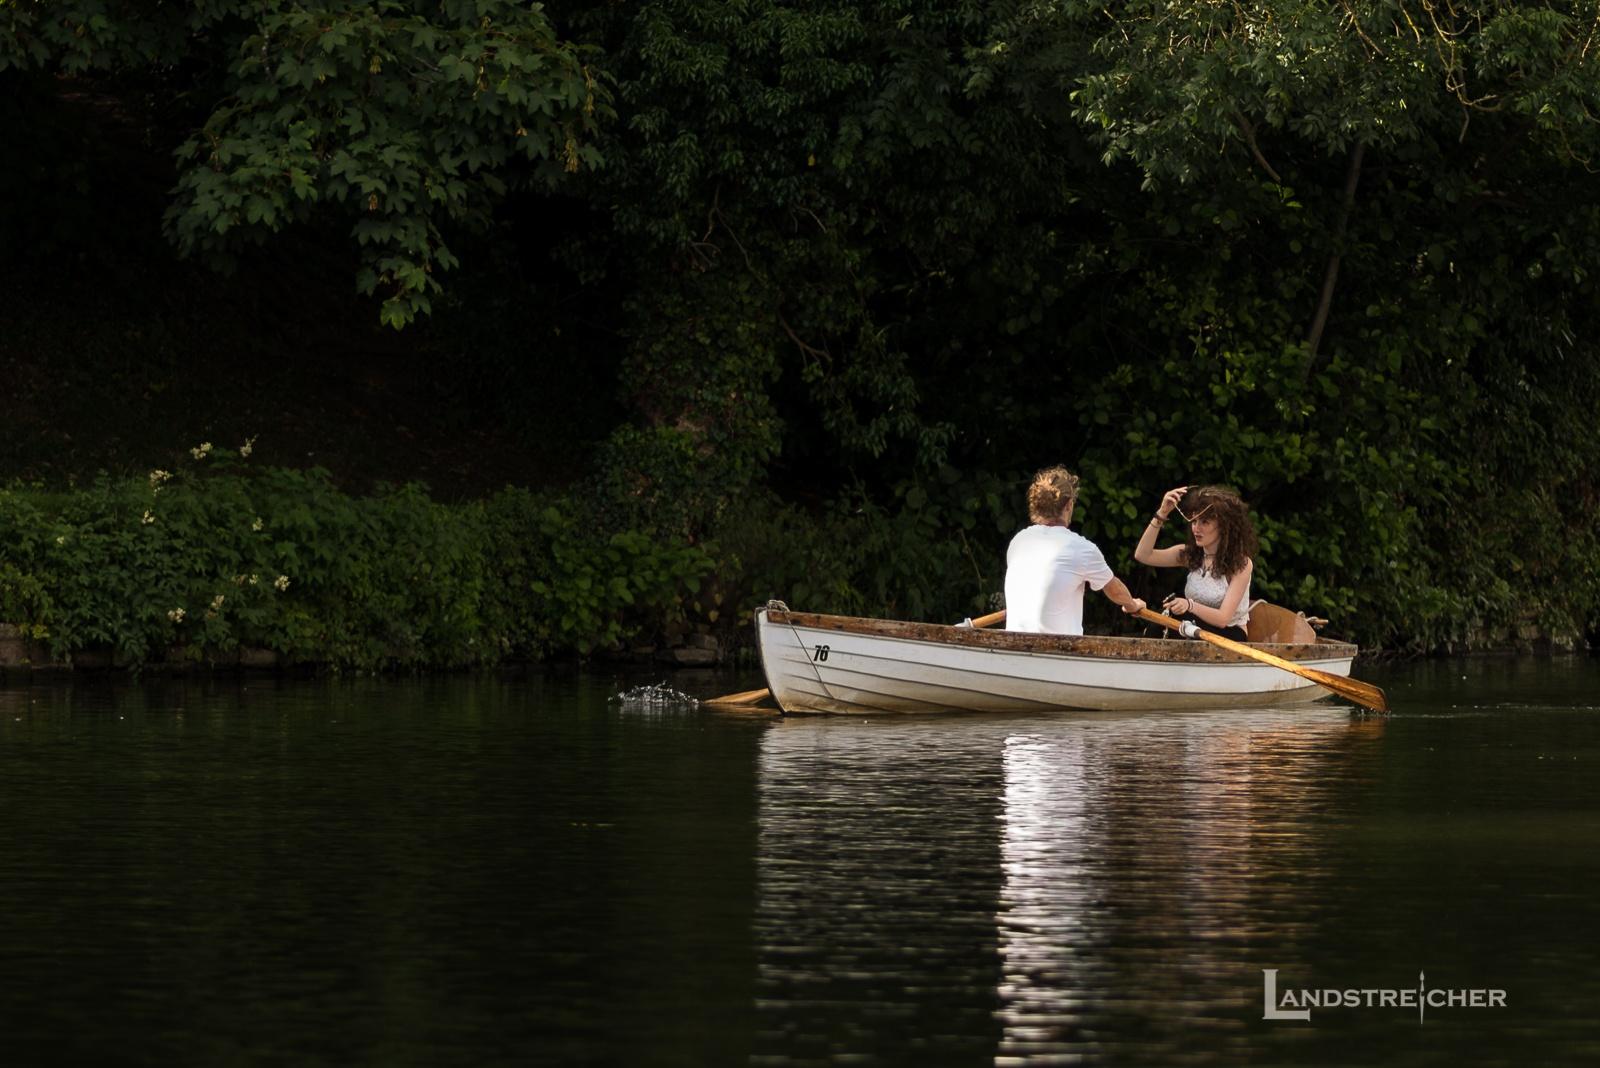 Afternoon Boat Trip by Landstreicher